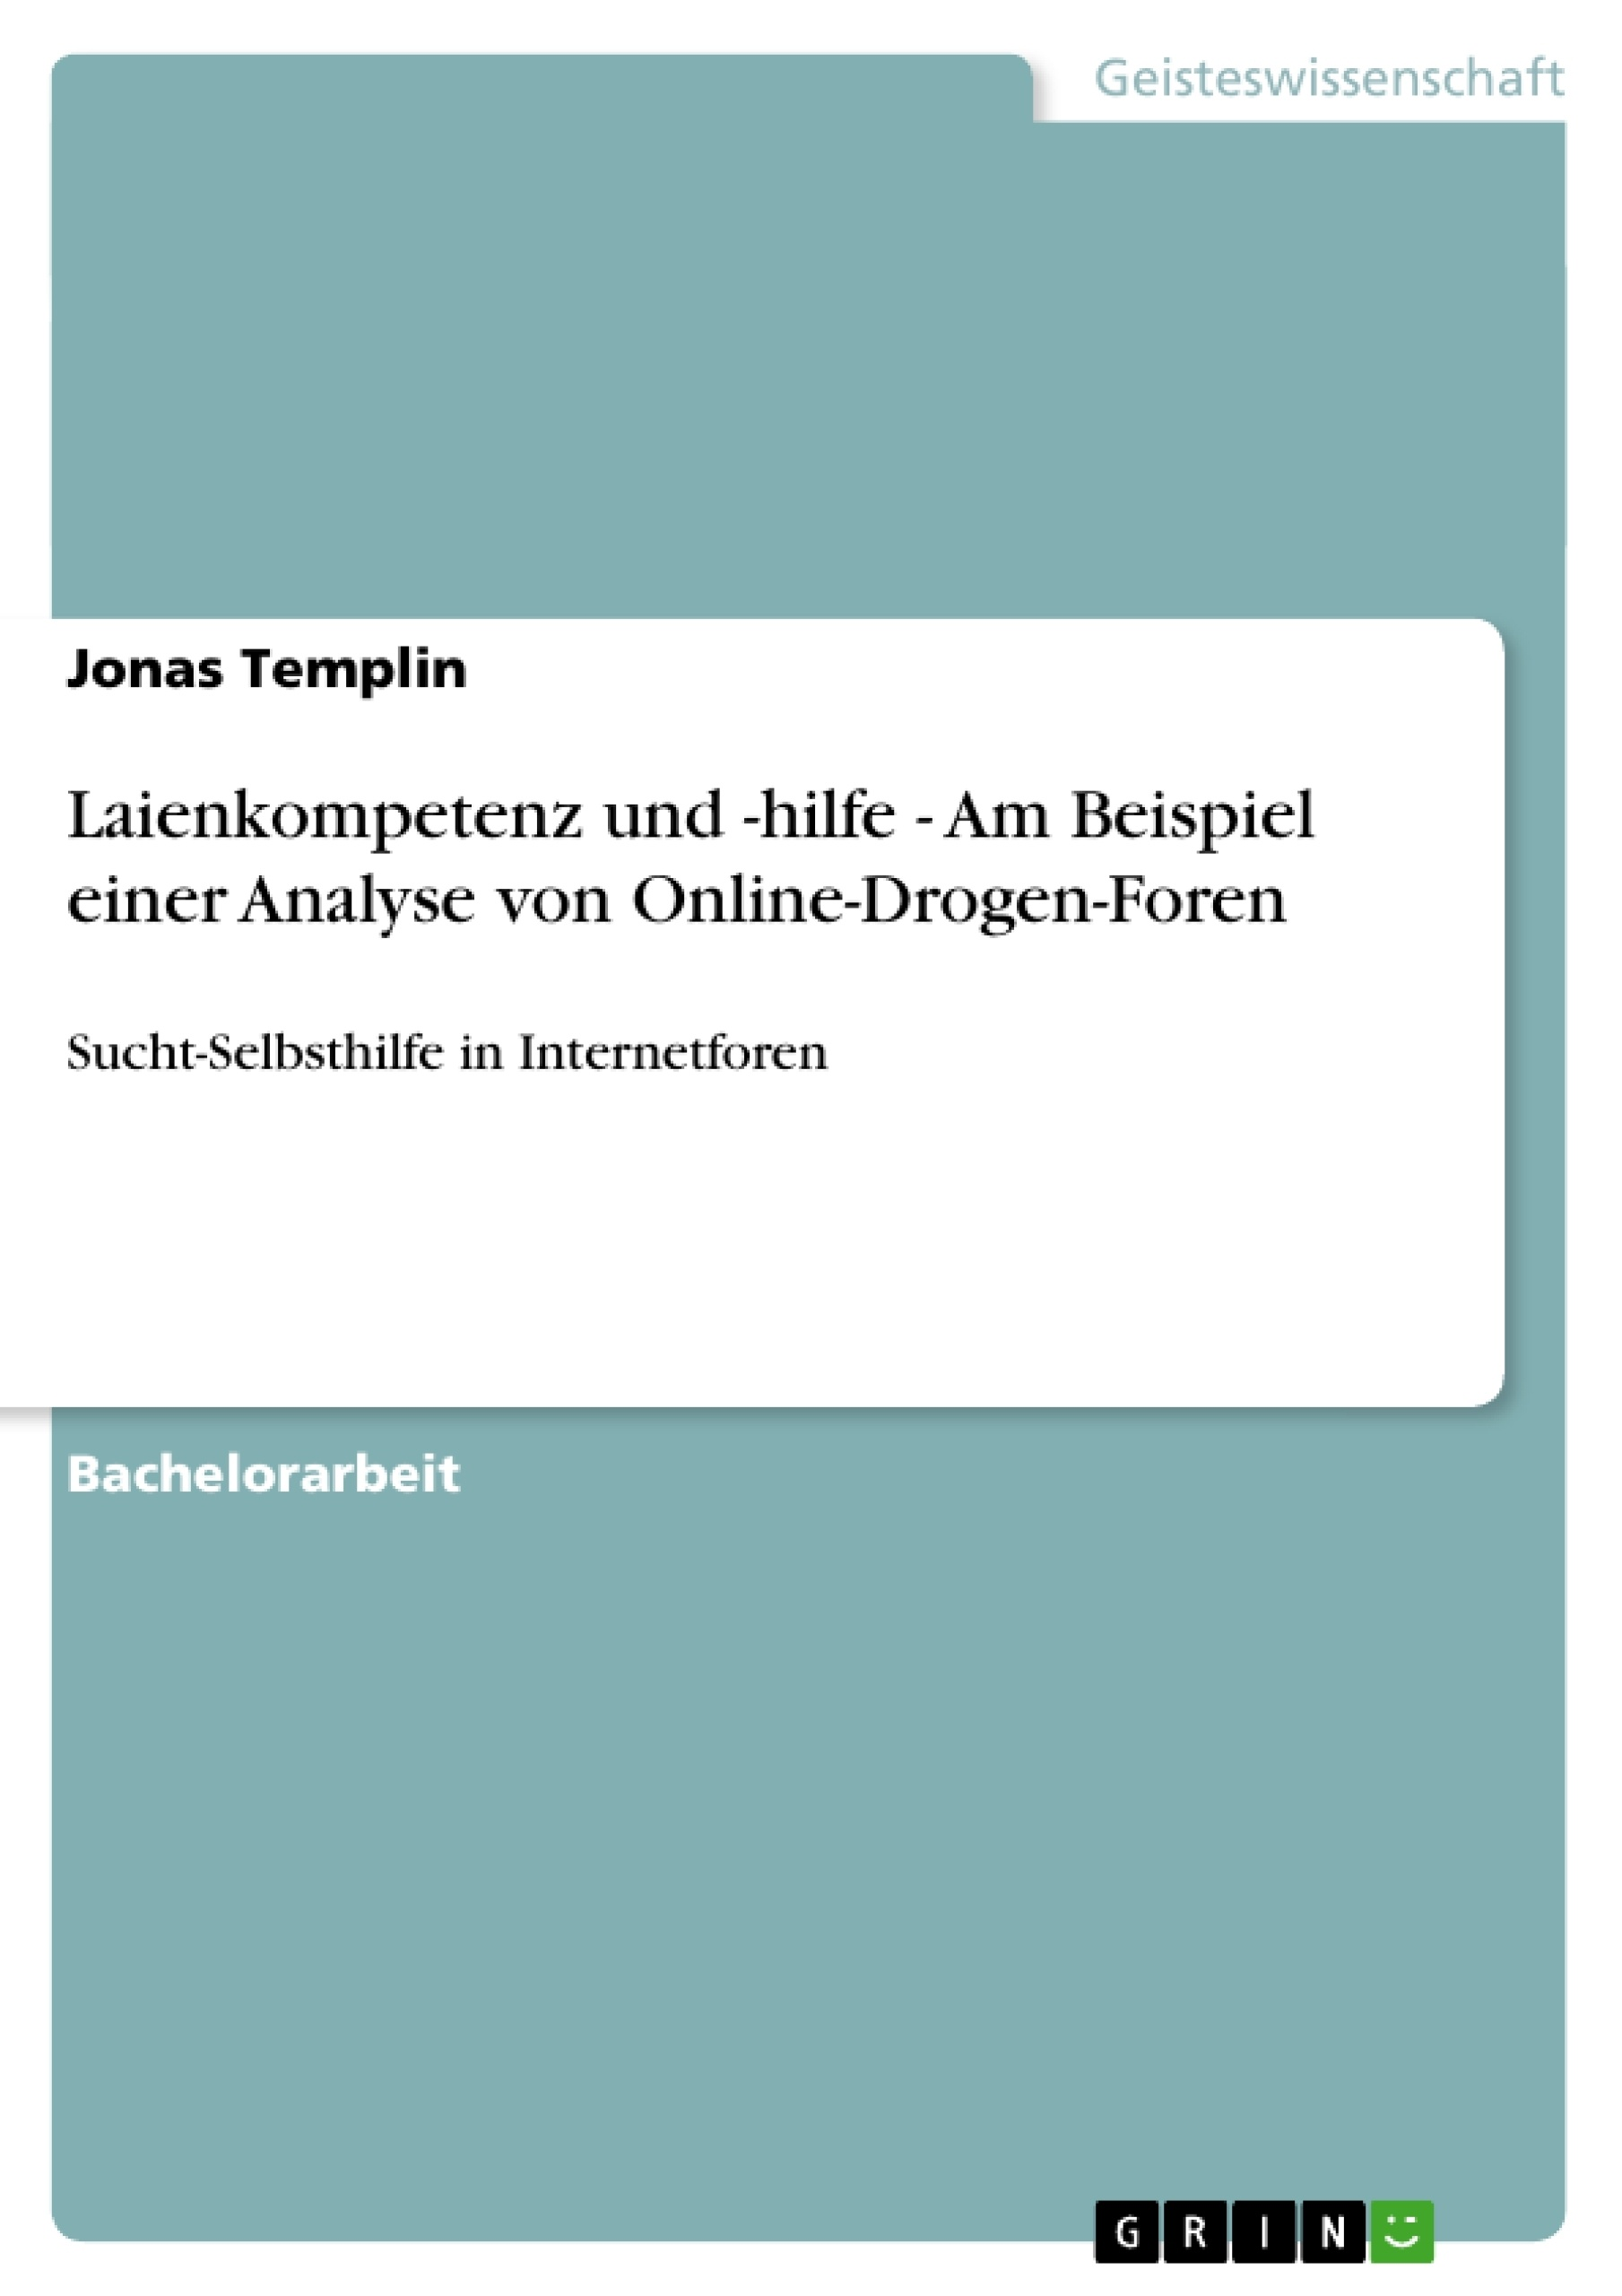 Titel: Laienkompetenz und -hilfe - Am Beispiel einer Analyse von Online-Drogen-Foren